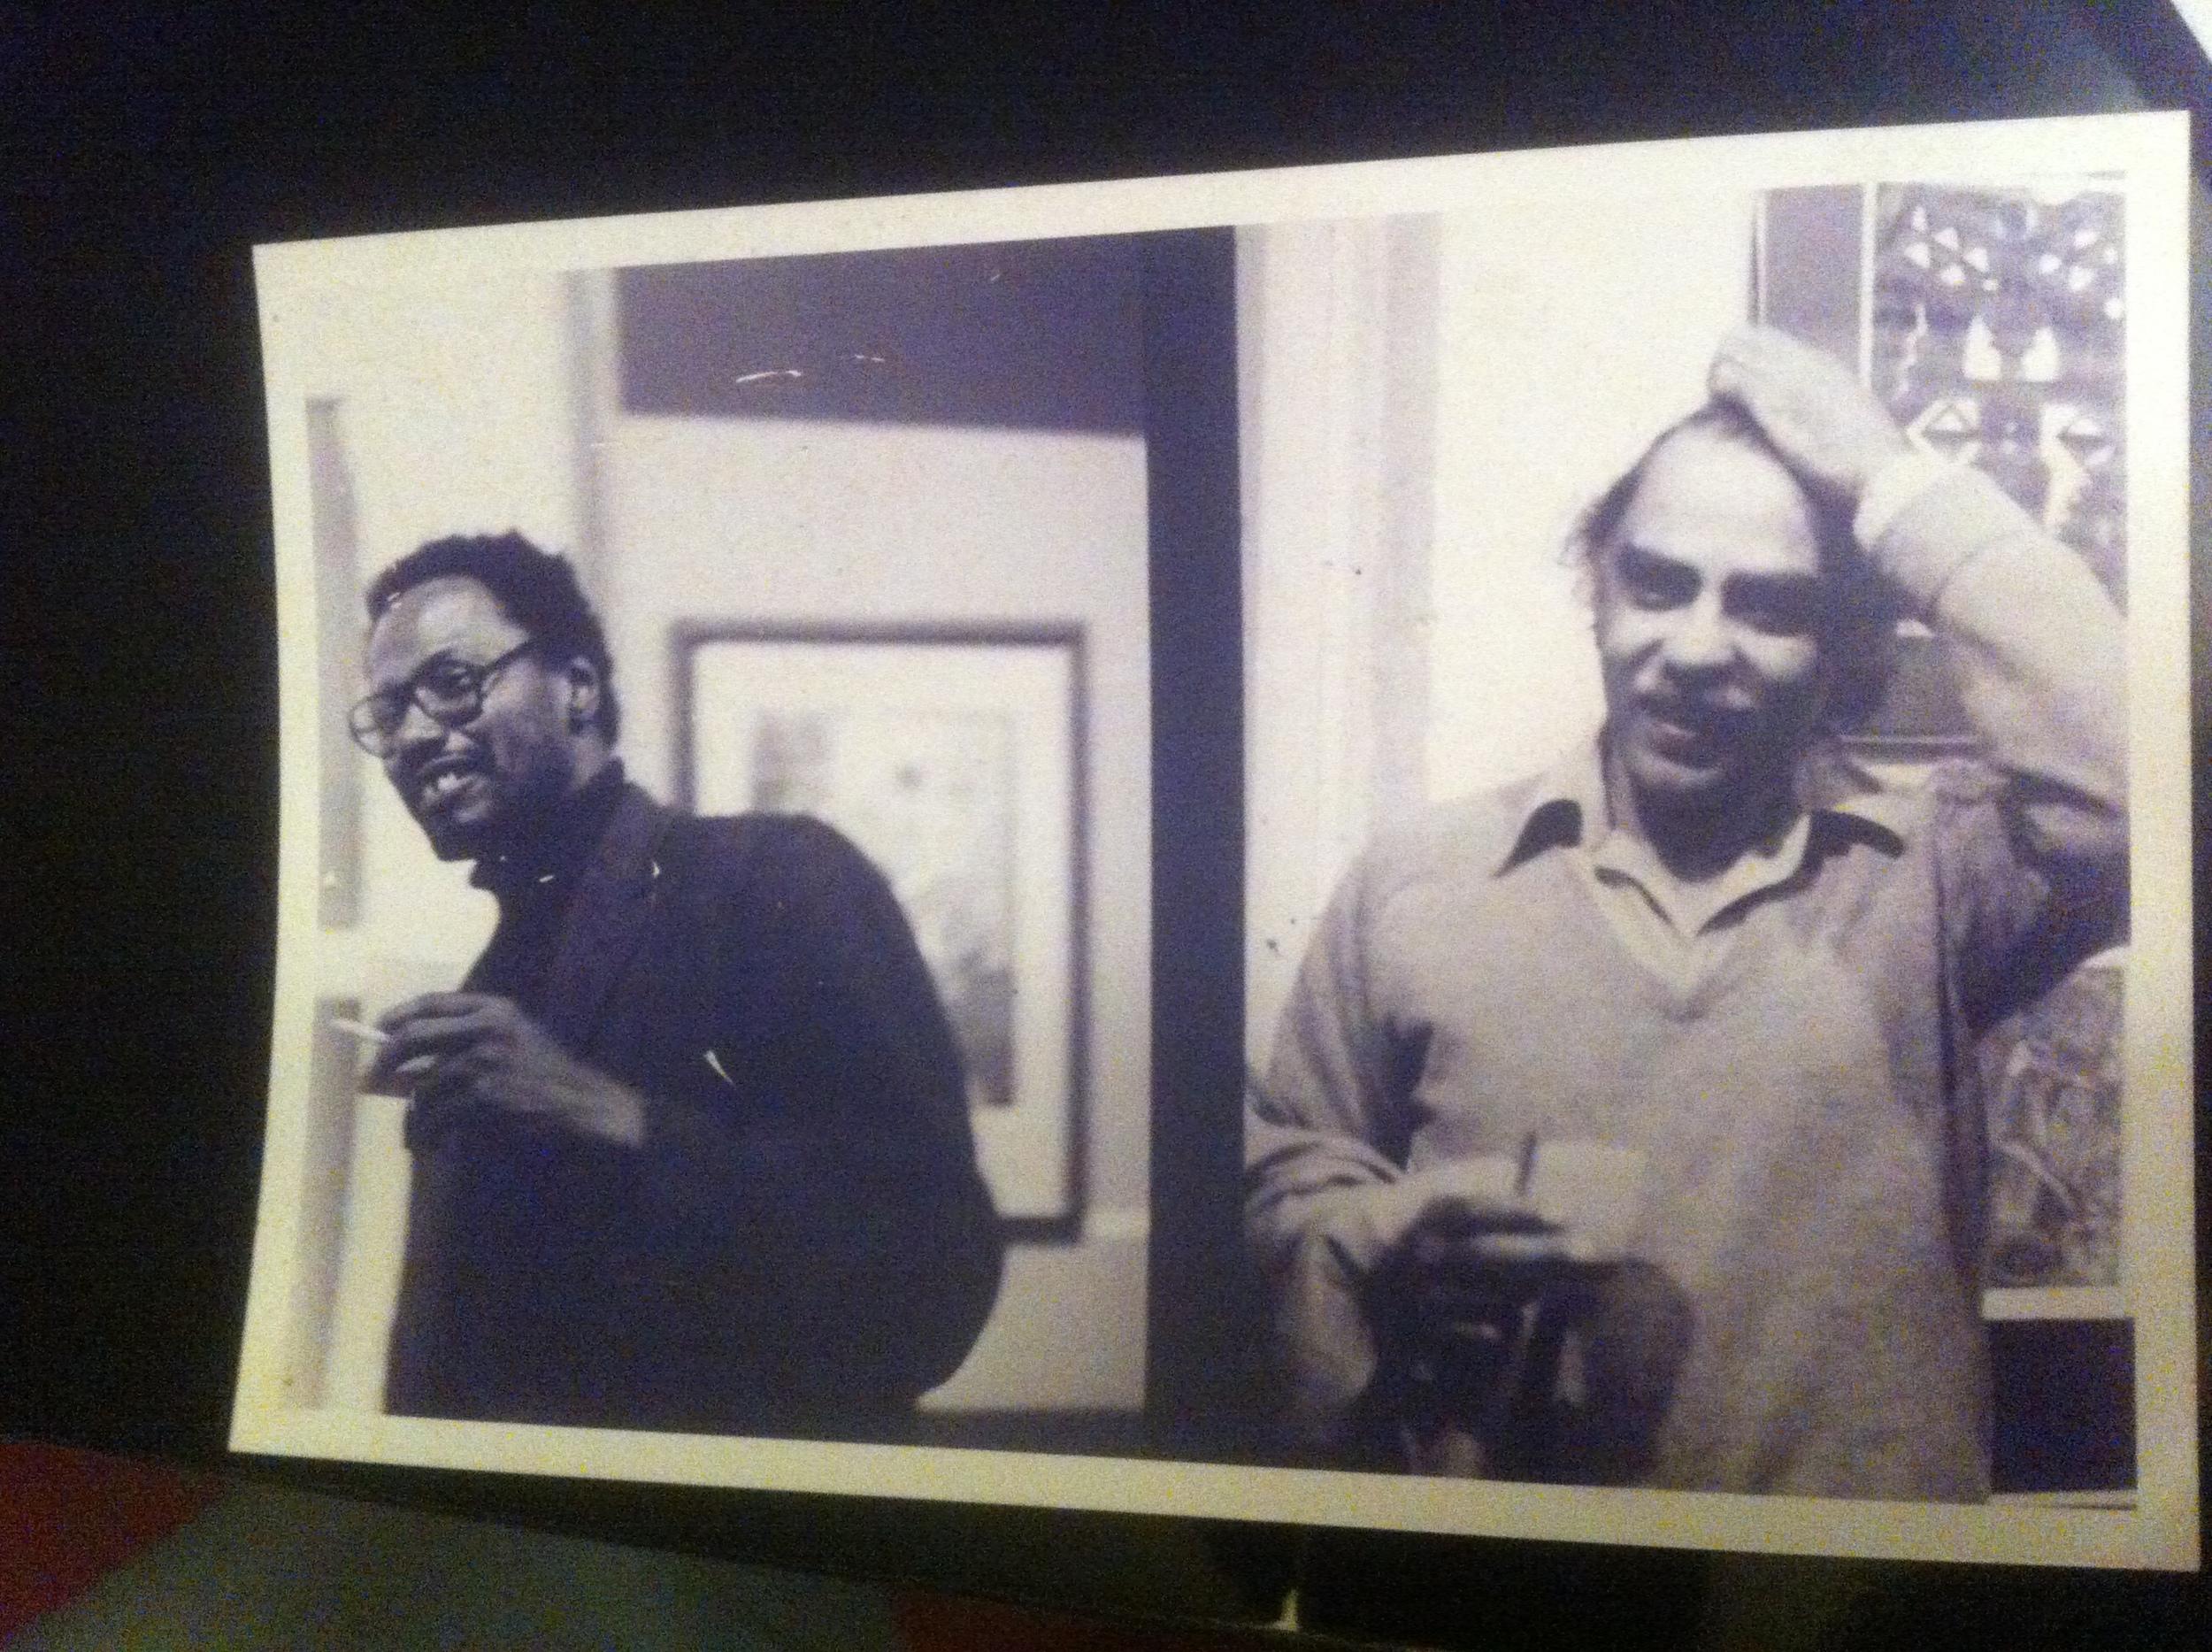 Steve and Ed Clark